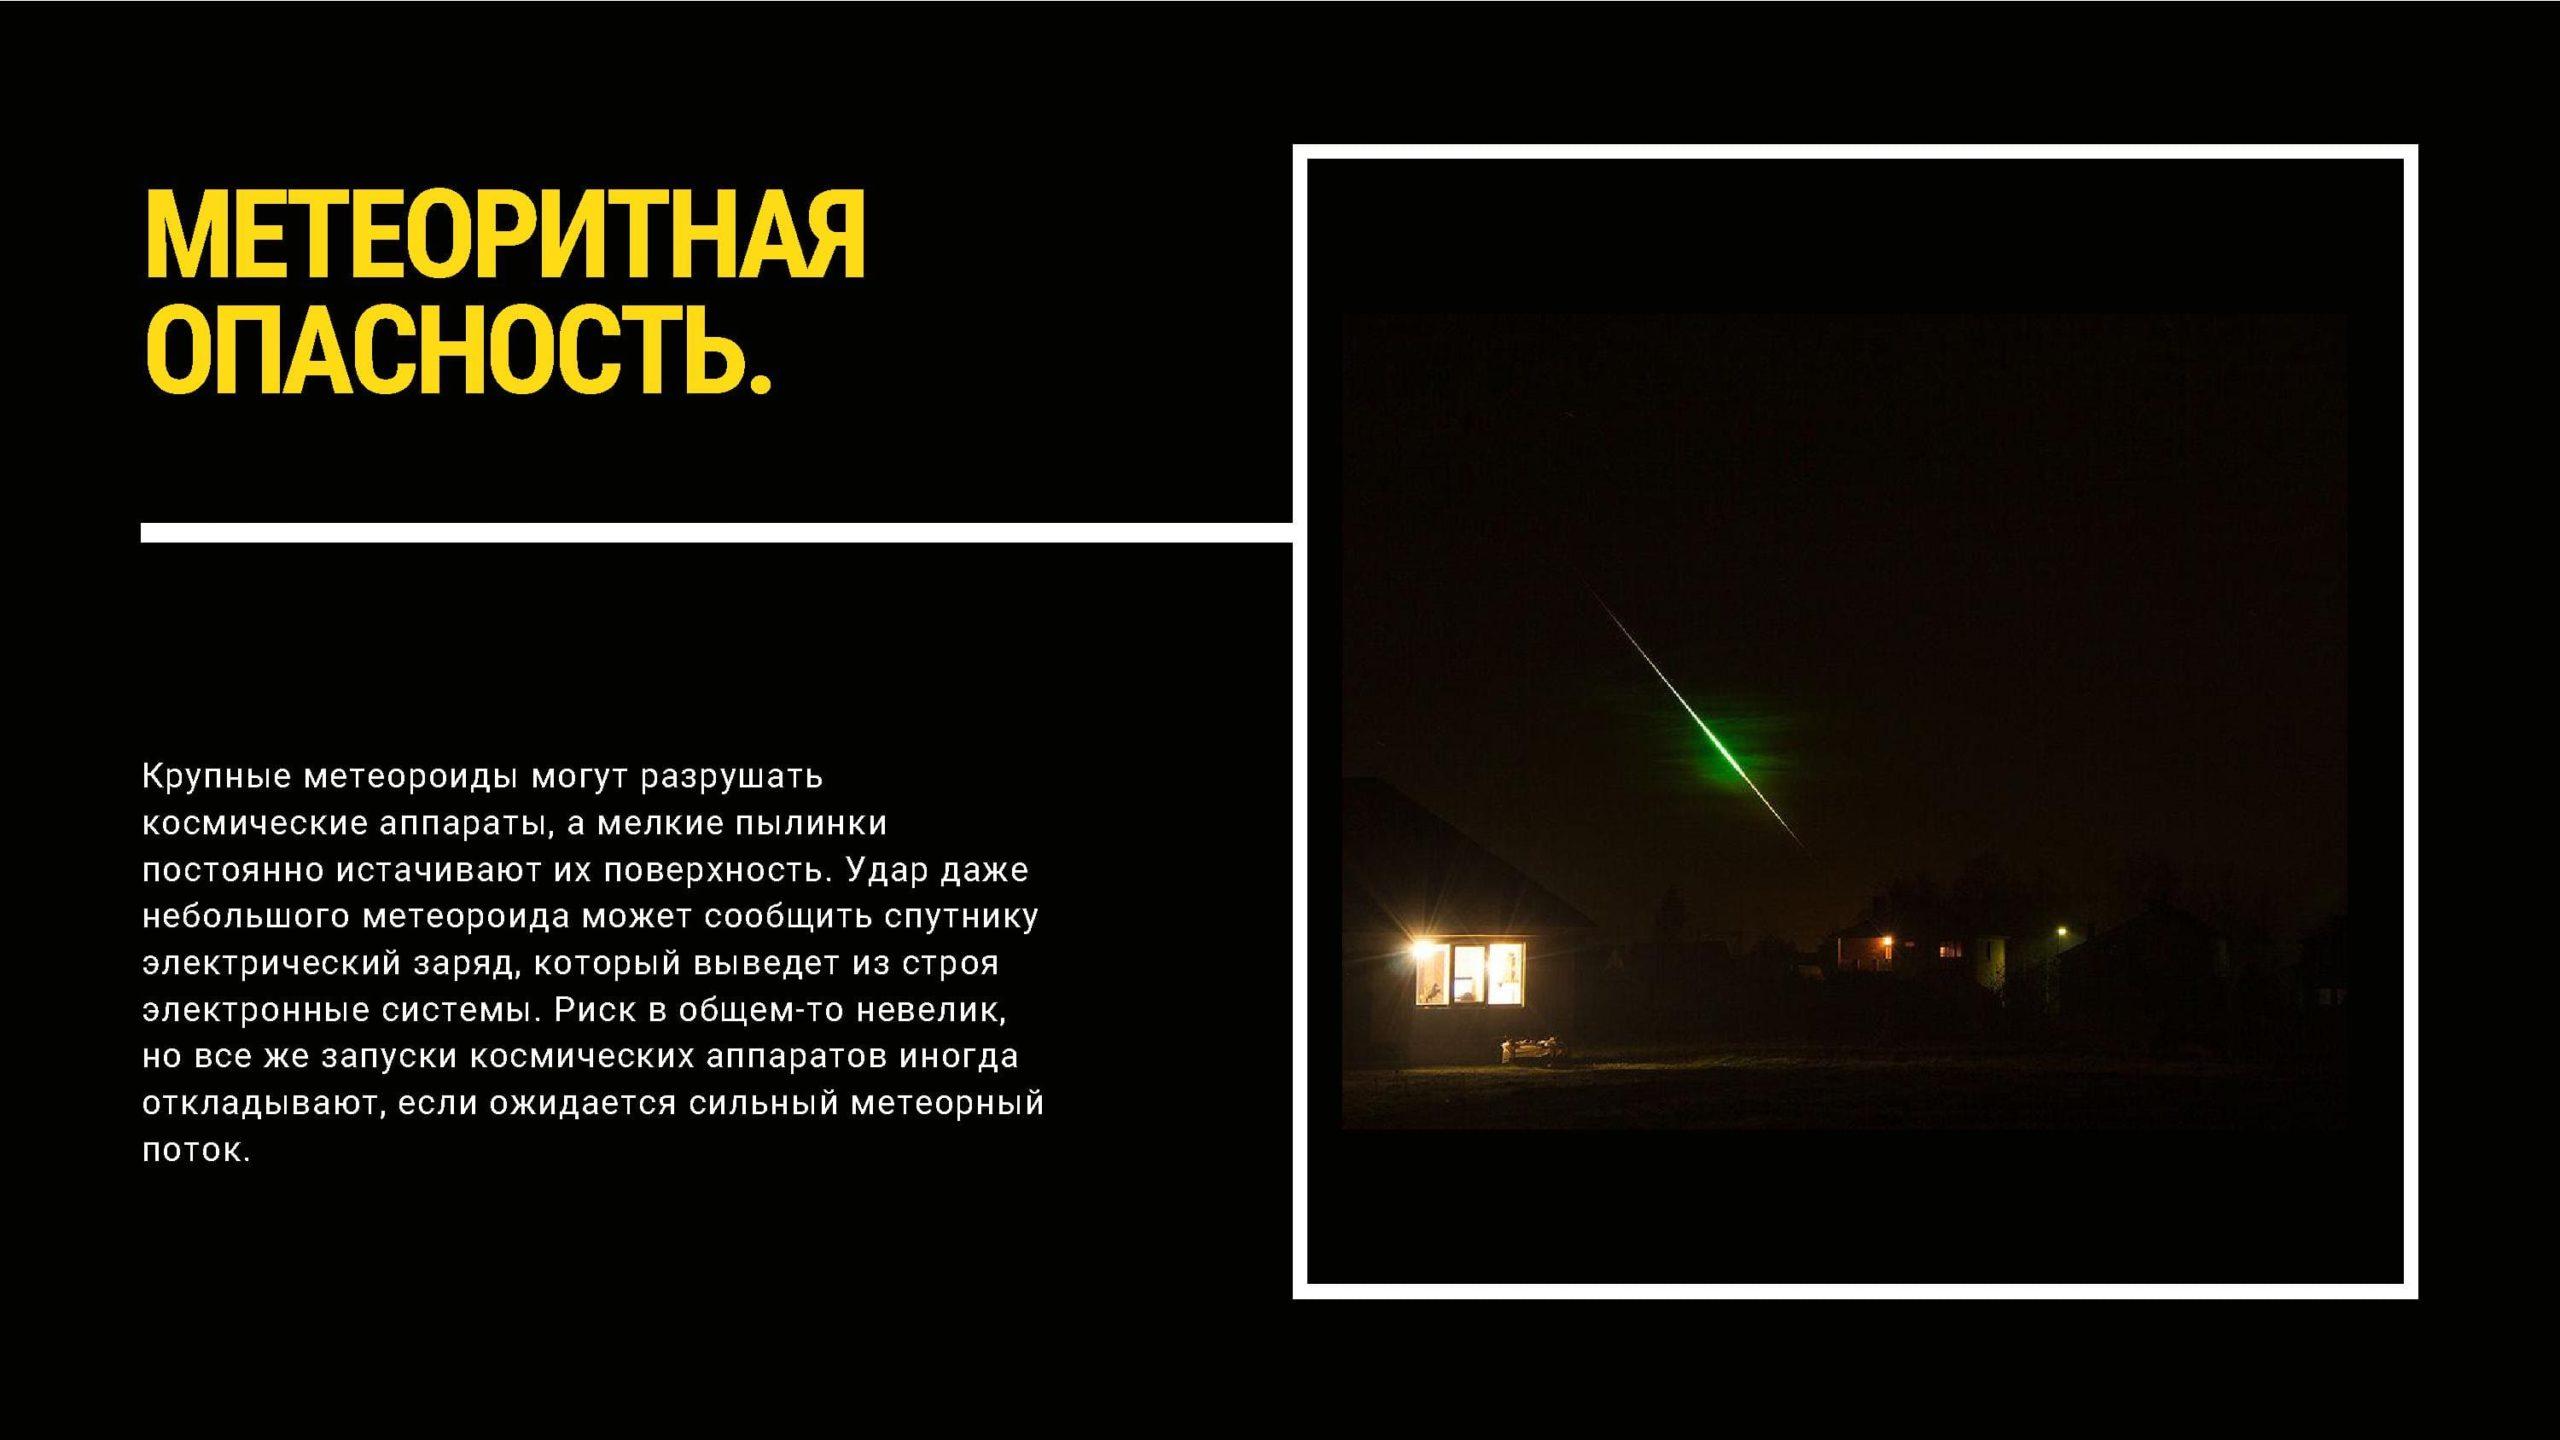 Метеорная опасность